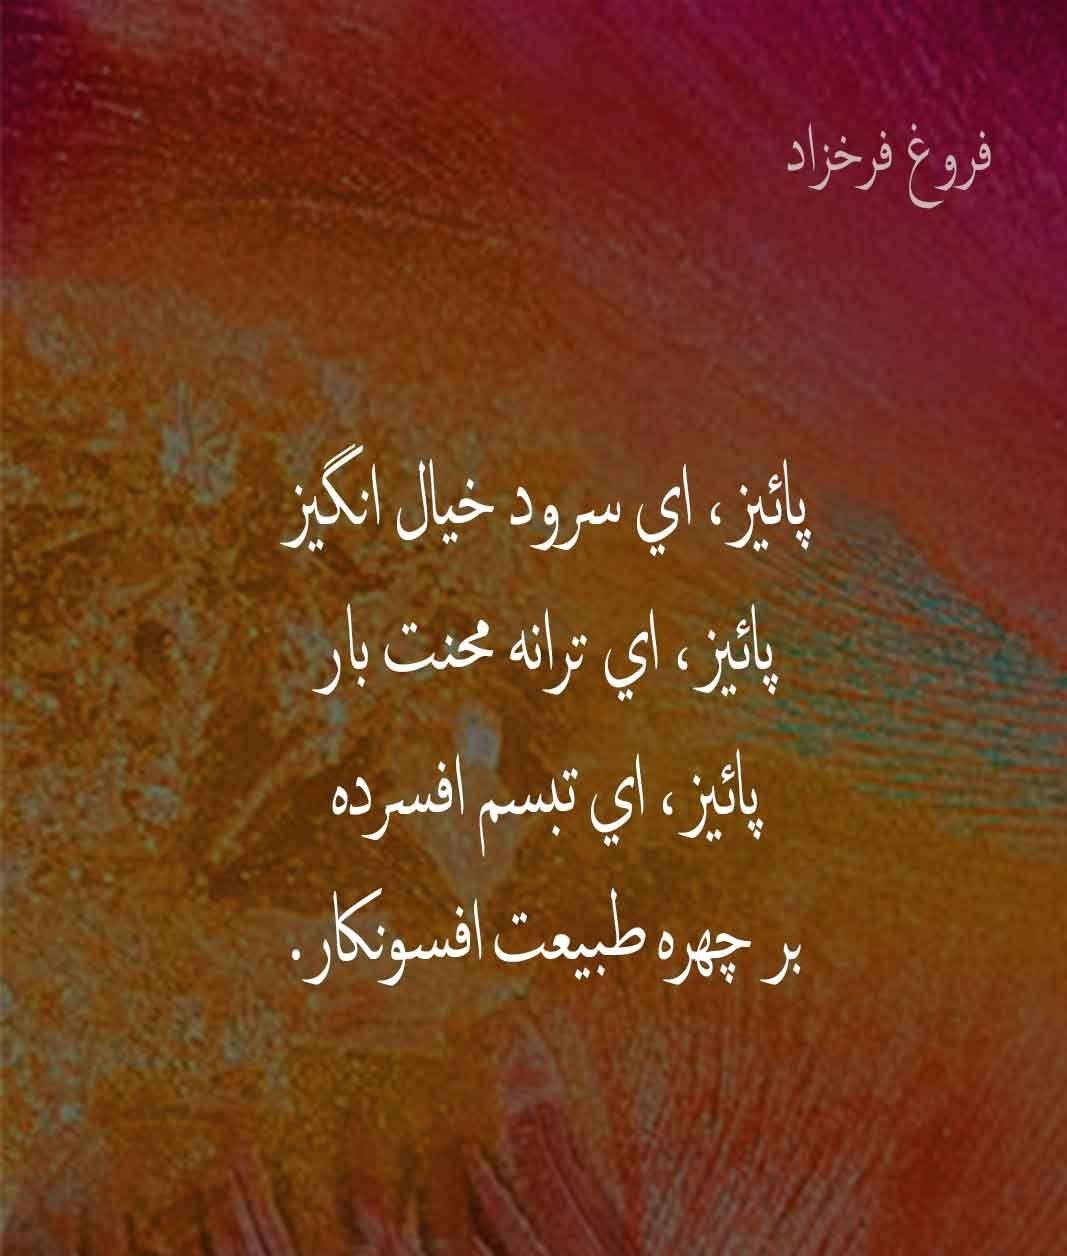 گزیده شعرهای نو ، آزاد و کلاسیک پاییزی؛ از شمس لنگرودی تا حسین منزوی